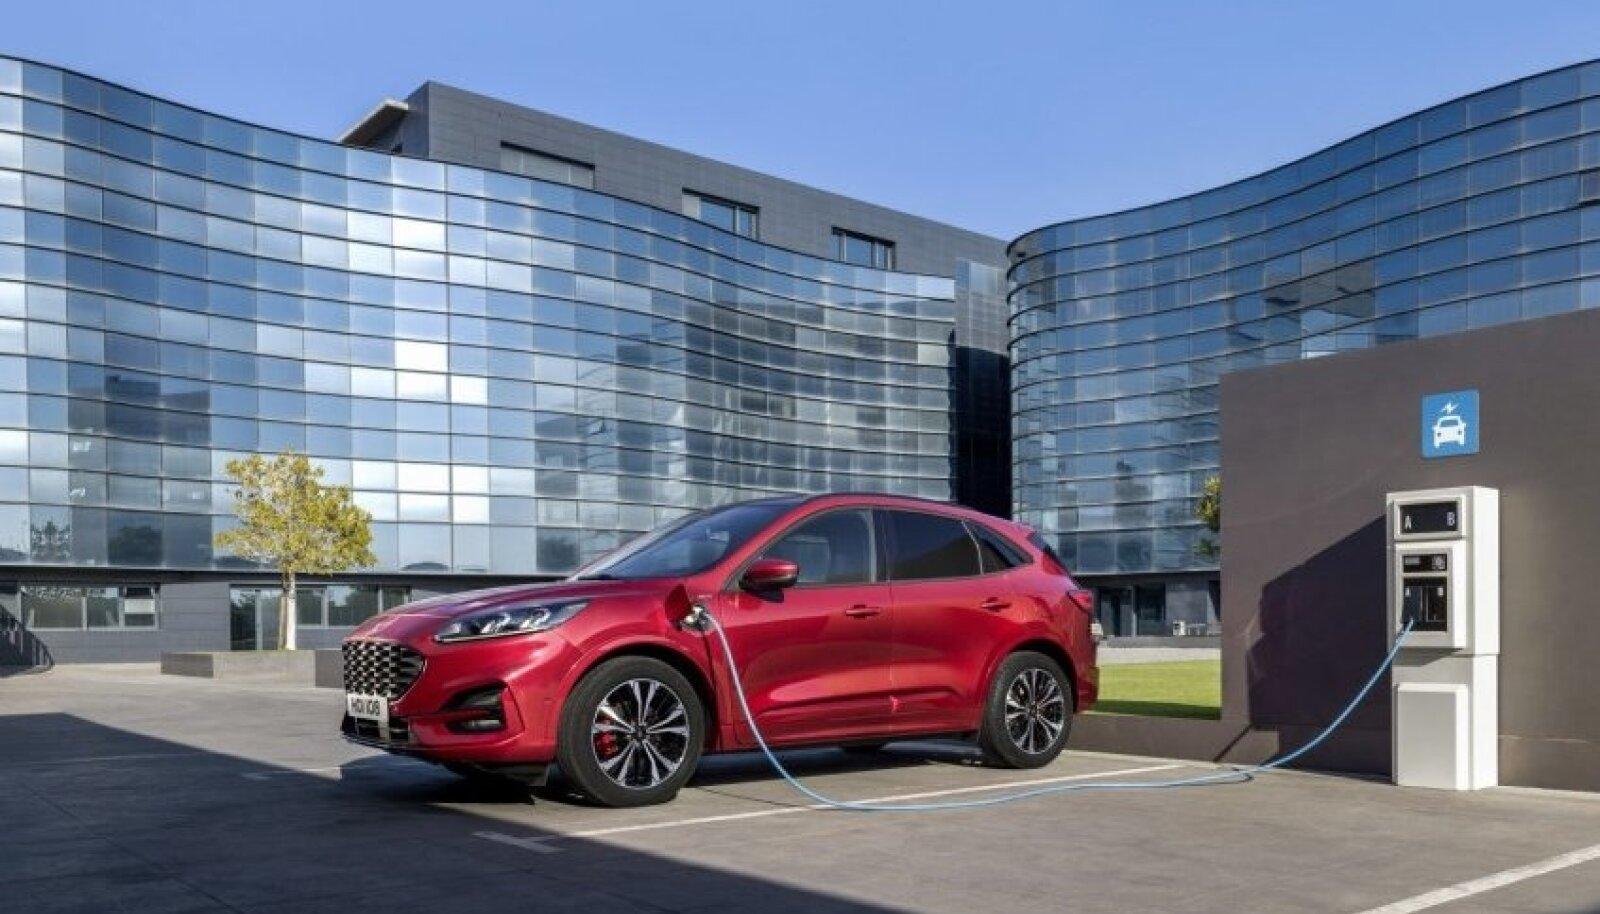 Elektriline Ford Kuga linnamaastur on üks tähelepanuväärsemaid elektriautosid, mida Ford möödunud nädalal tutvustas.